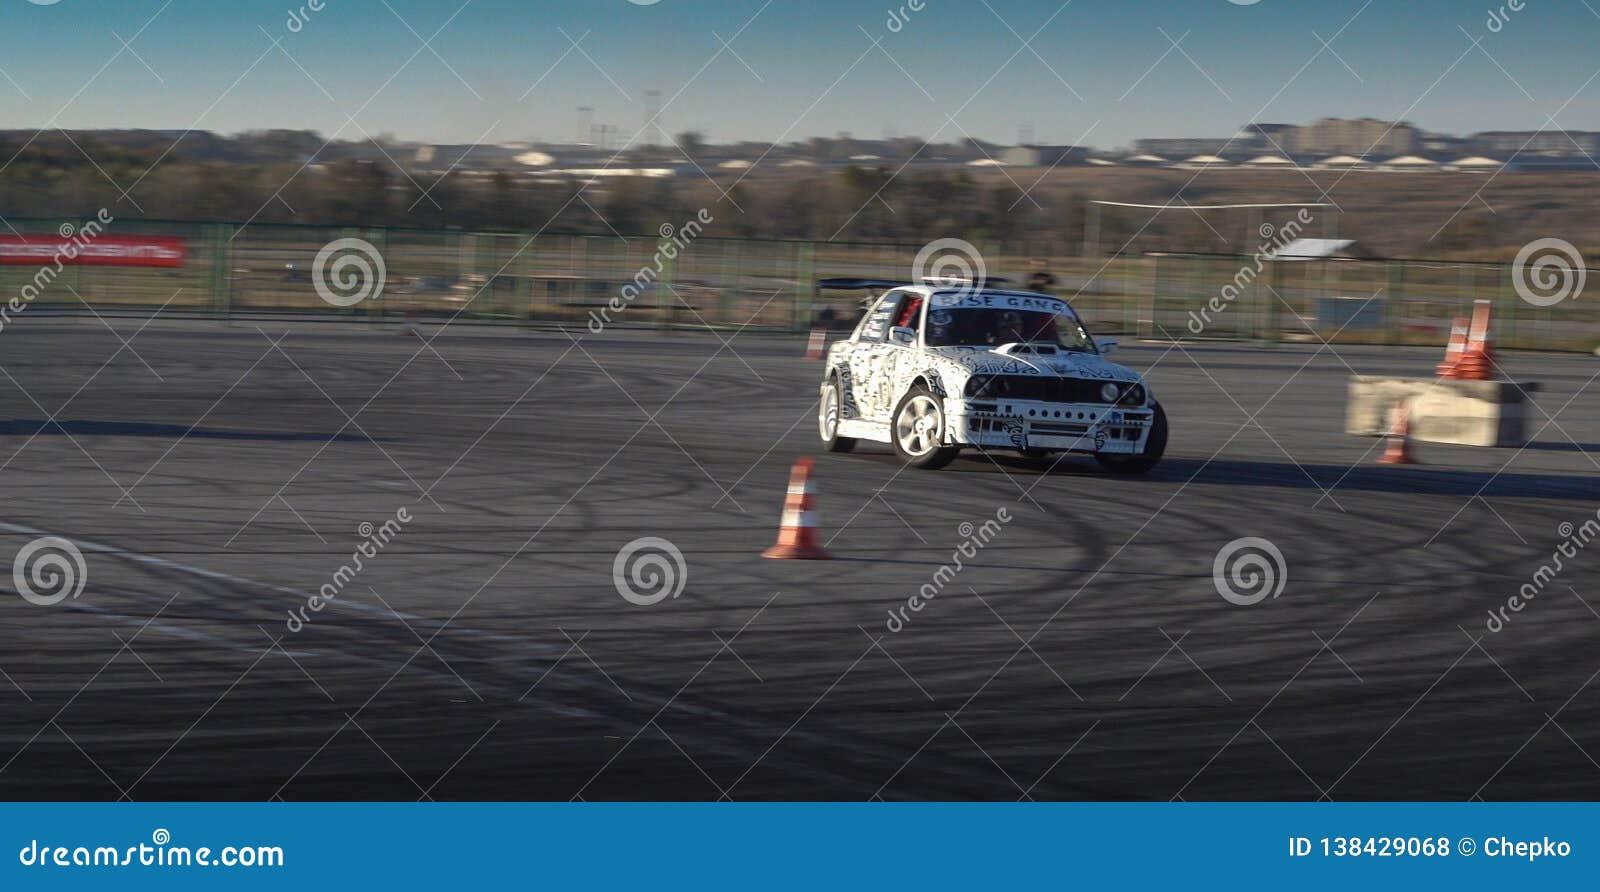 Ein Antriebrennwagen in der Aktion mit rauchenden Reifen in der Show